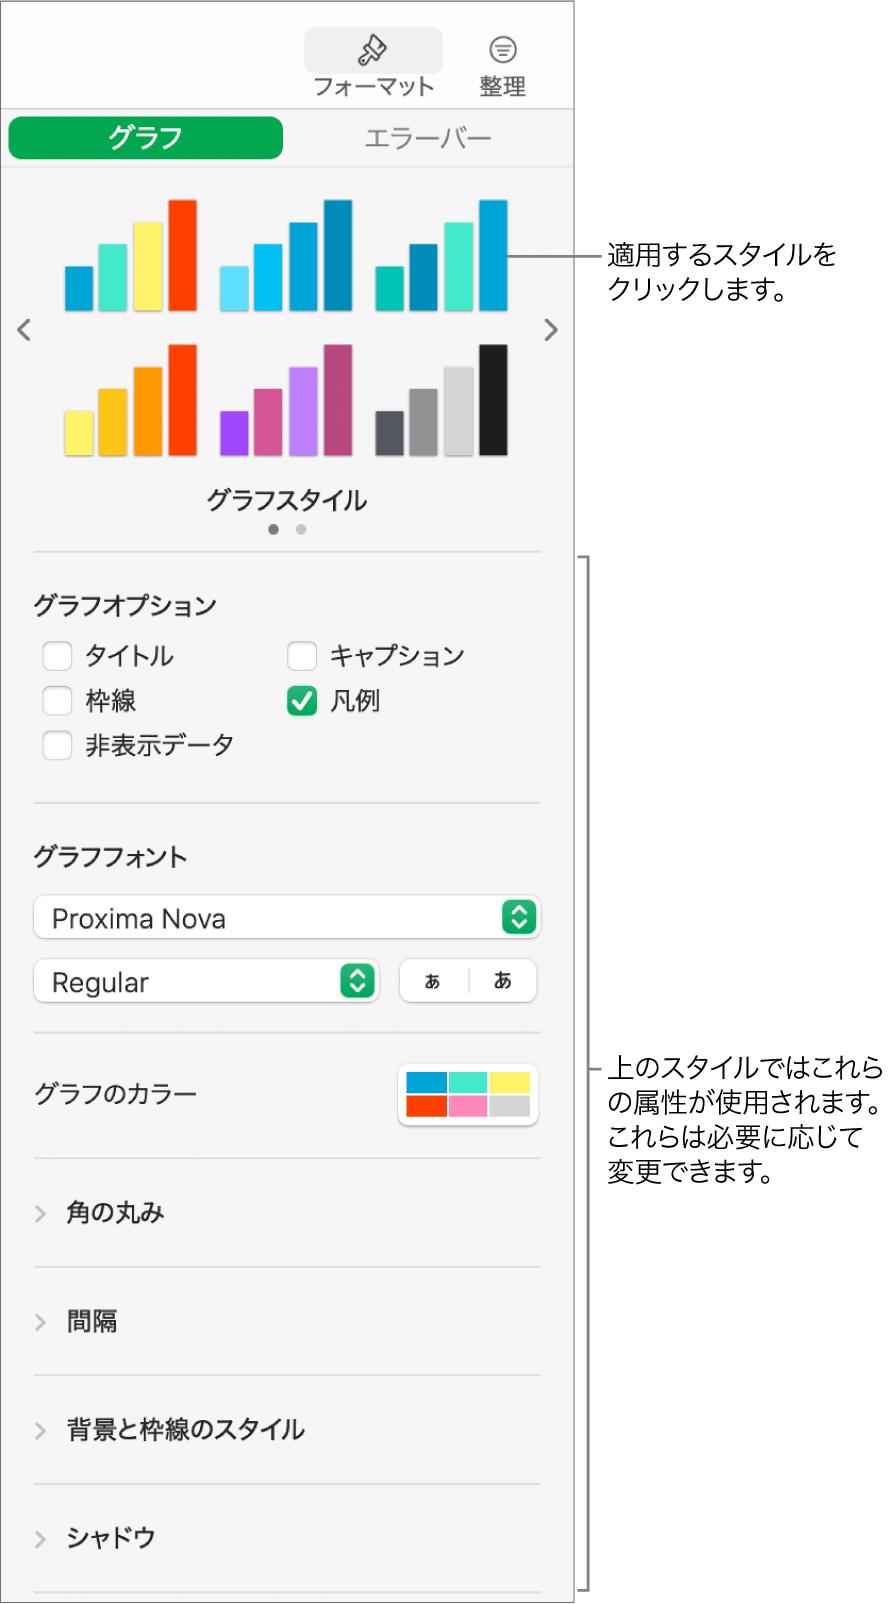 「フォーマット」サイドバー。グラフをフォーマットするためのコントロールが表示された状態。